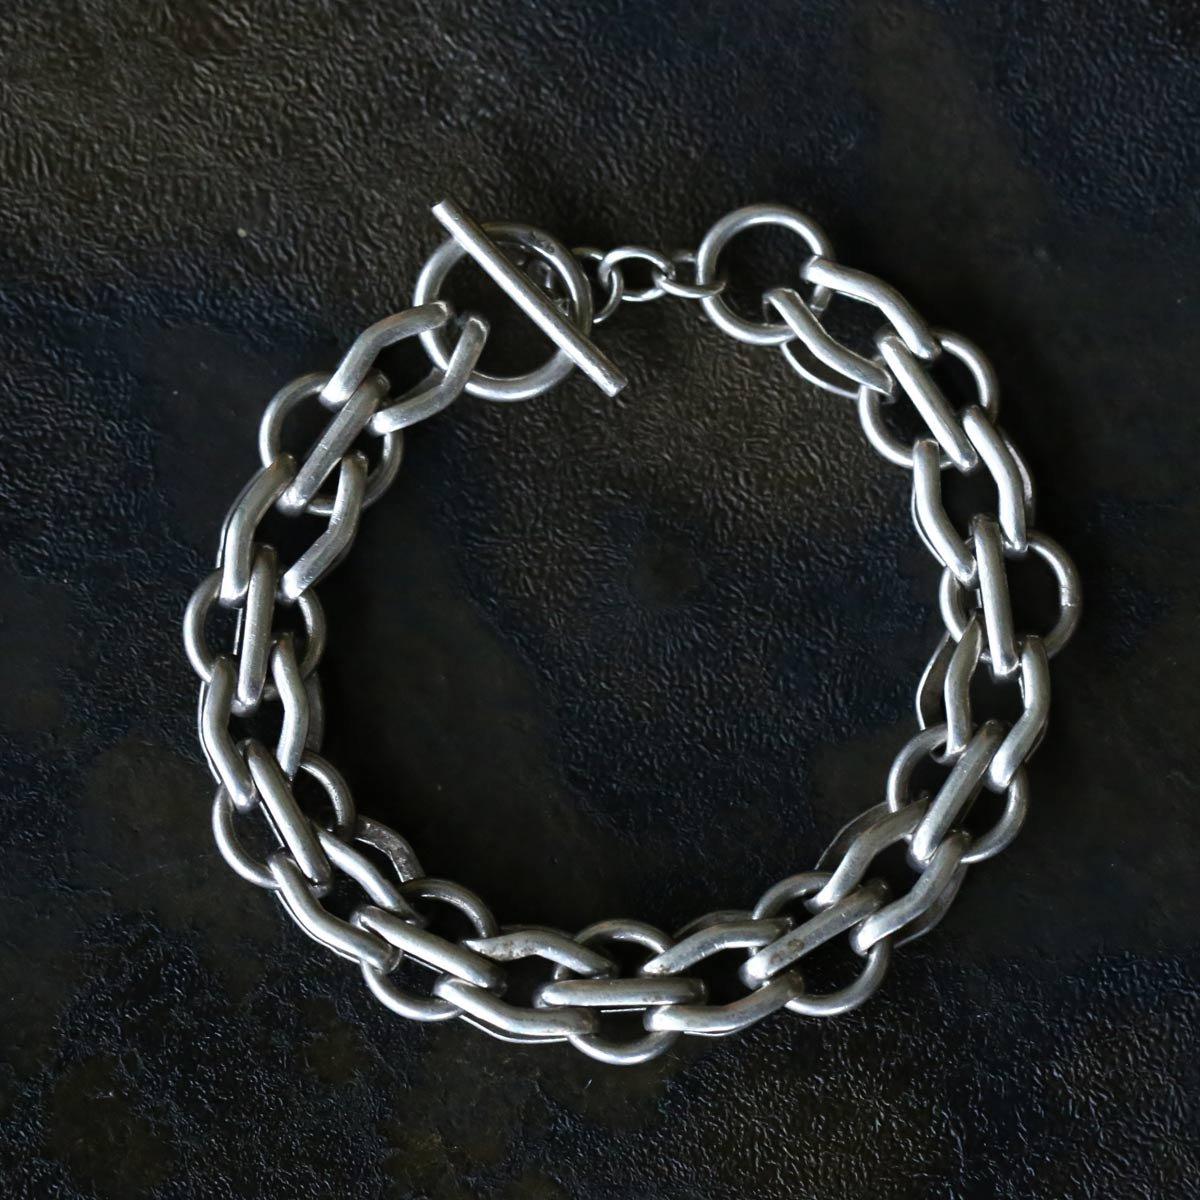 Vintage Silver Chain Bracelet ACH-35